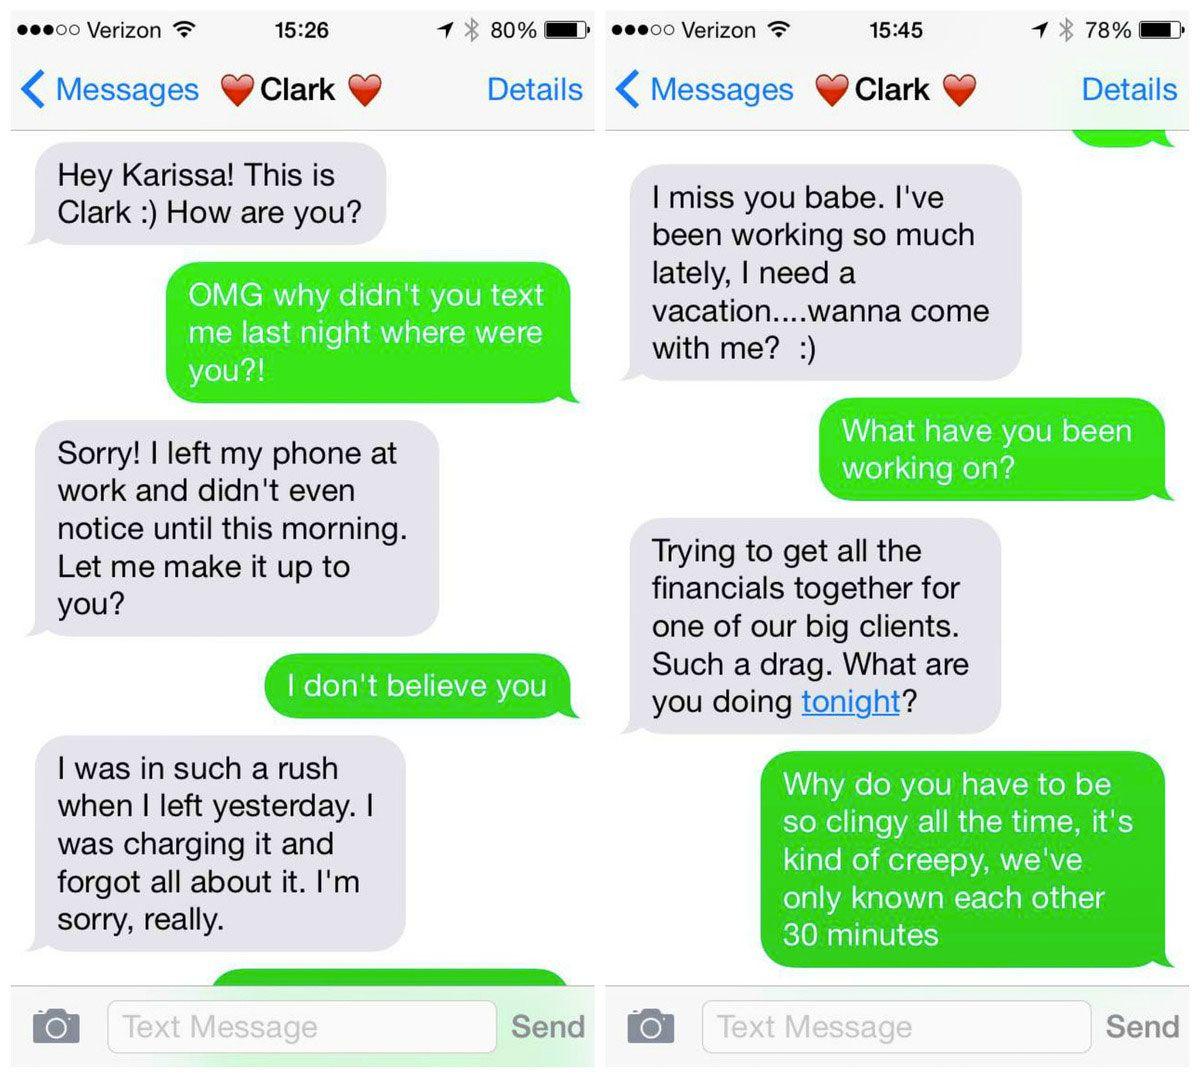 Gratis prøveperiode dating chat linje numre